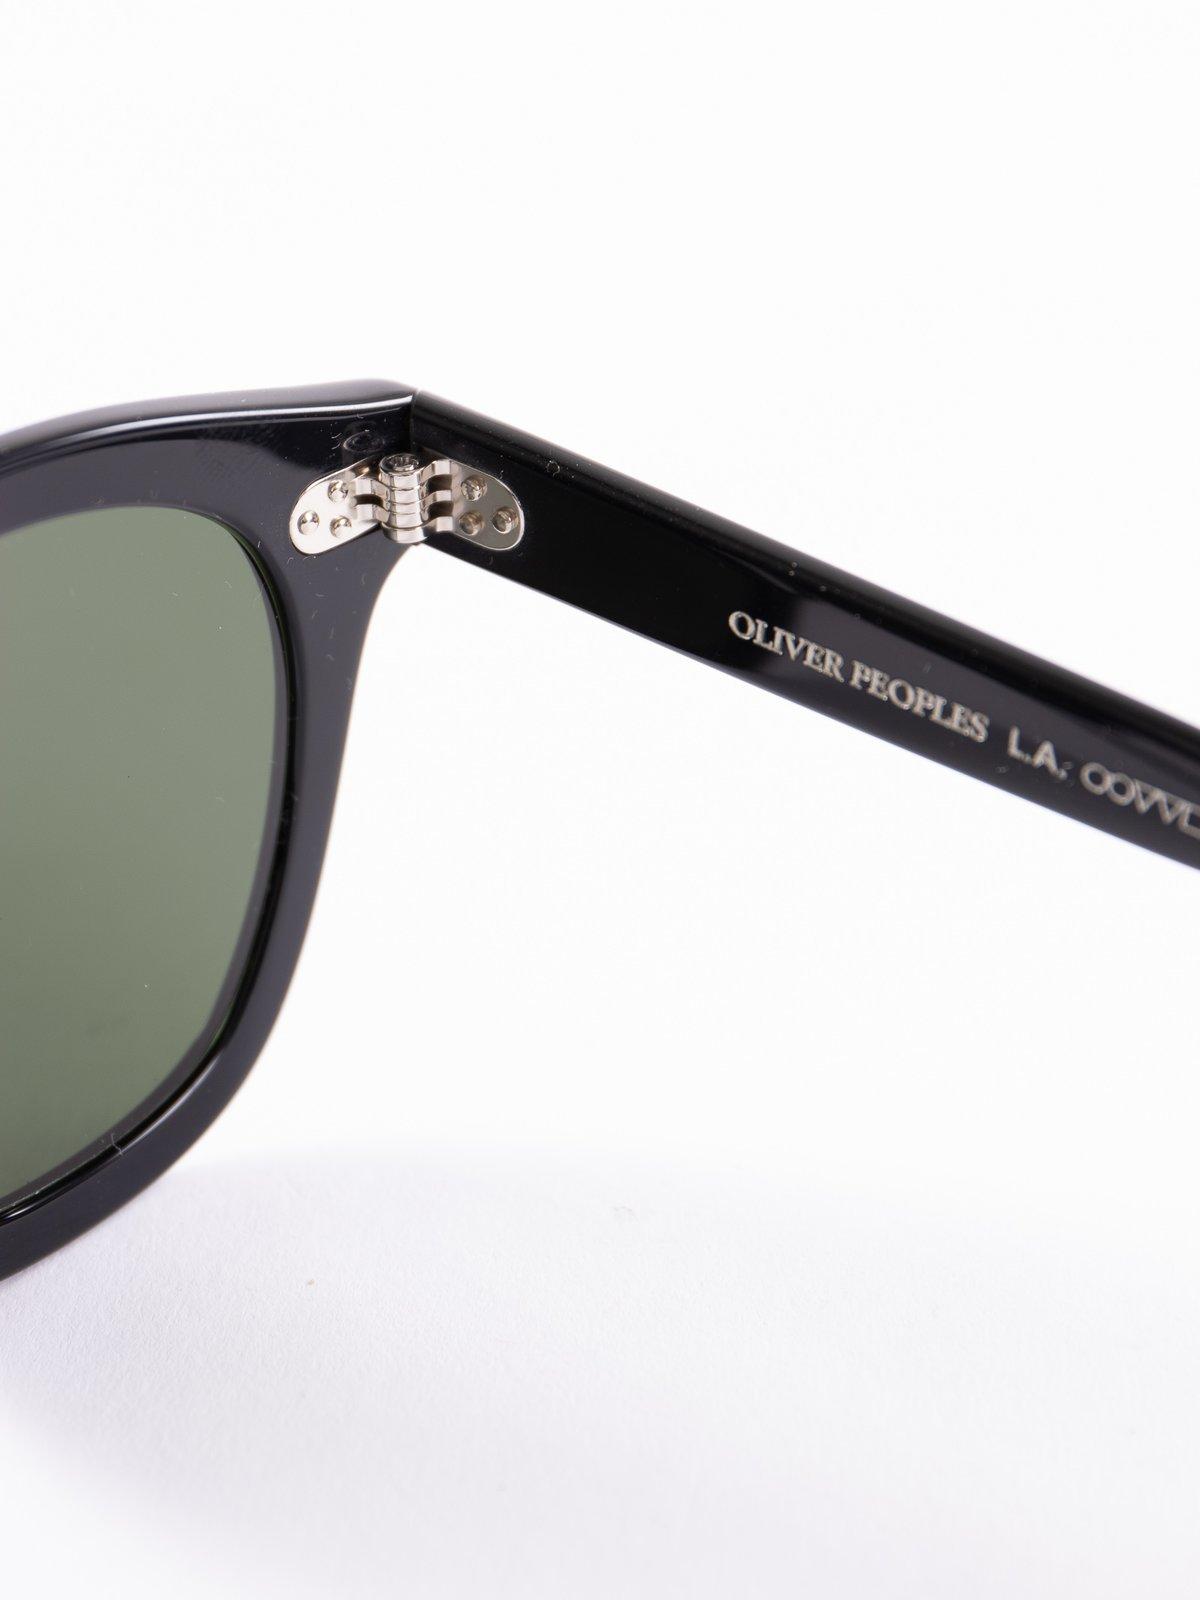 Black/Dark Green Boudreau LA Sunglasses - Image 4